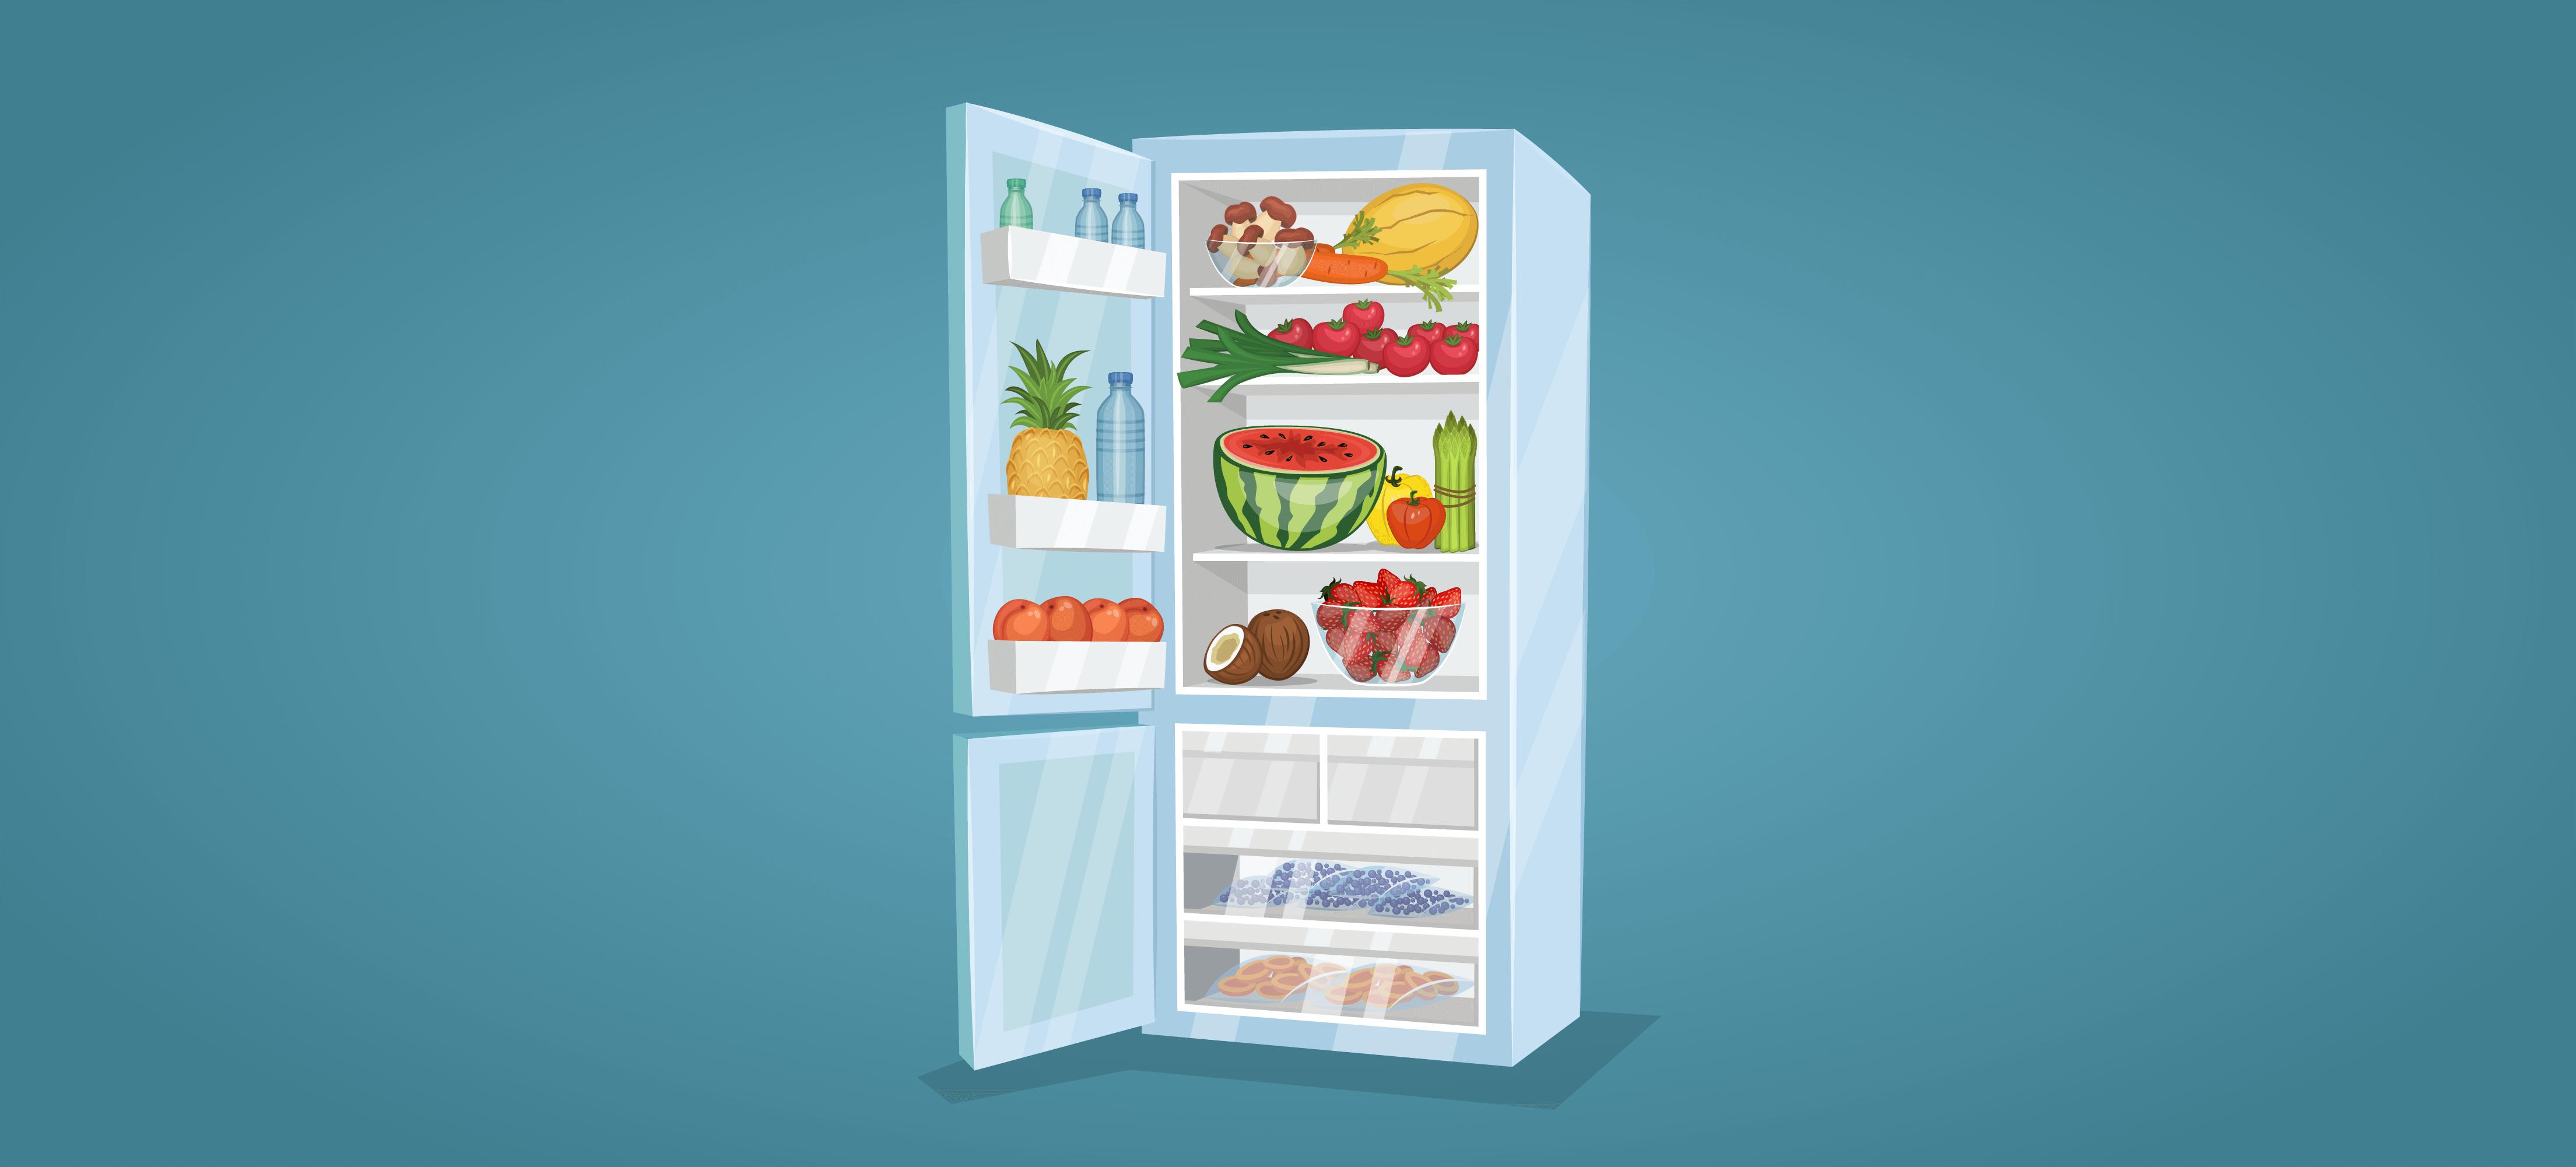 cum aleg cel mai bun frigider pentru acasa ghidul cumparatorului si ce trebuie luat in considerare pentru a alege dintre cele mai bune frigidere si dintre cele mai bune marci de frigidere